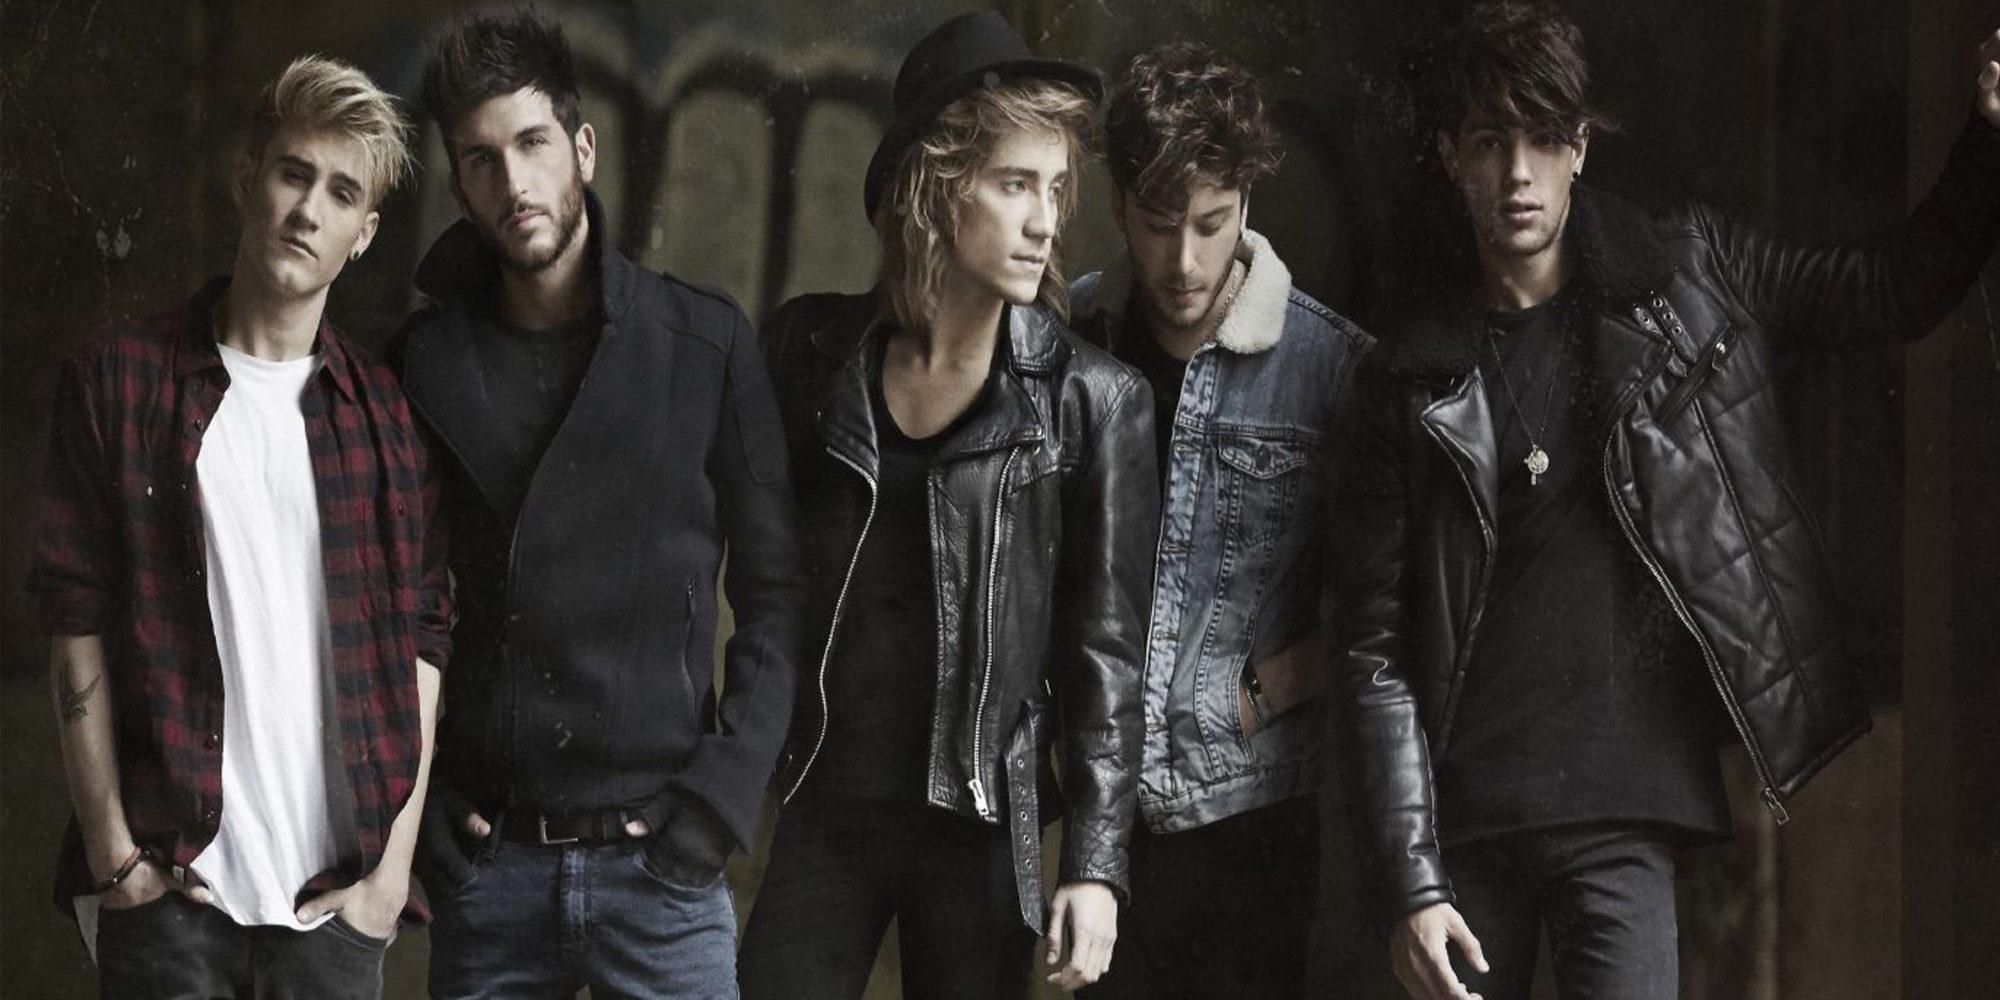 De 'Endless Road, 7058' a 'Ghost Town': Los cuatro discos que han marcado el éxito de Auryn